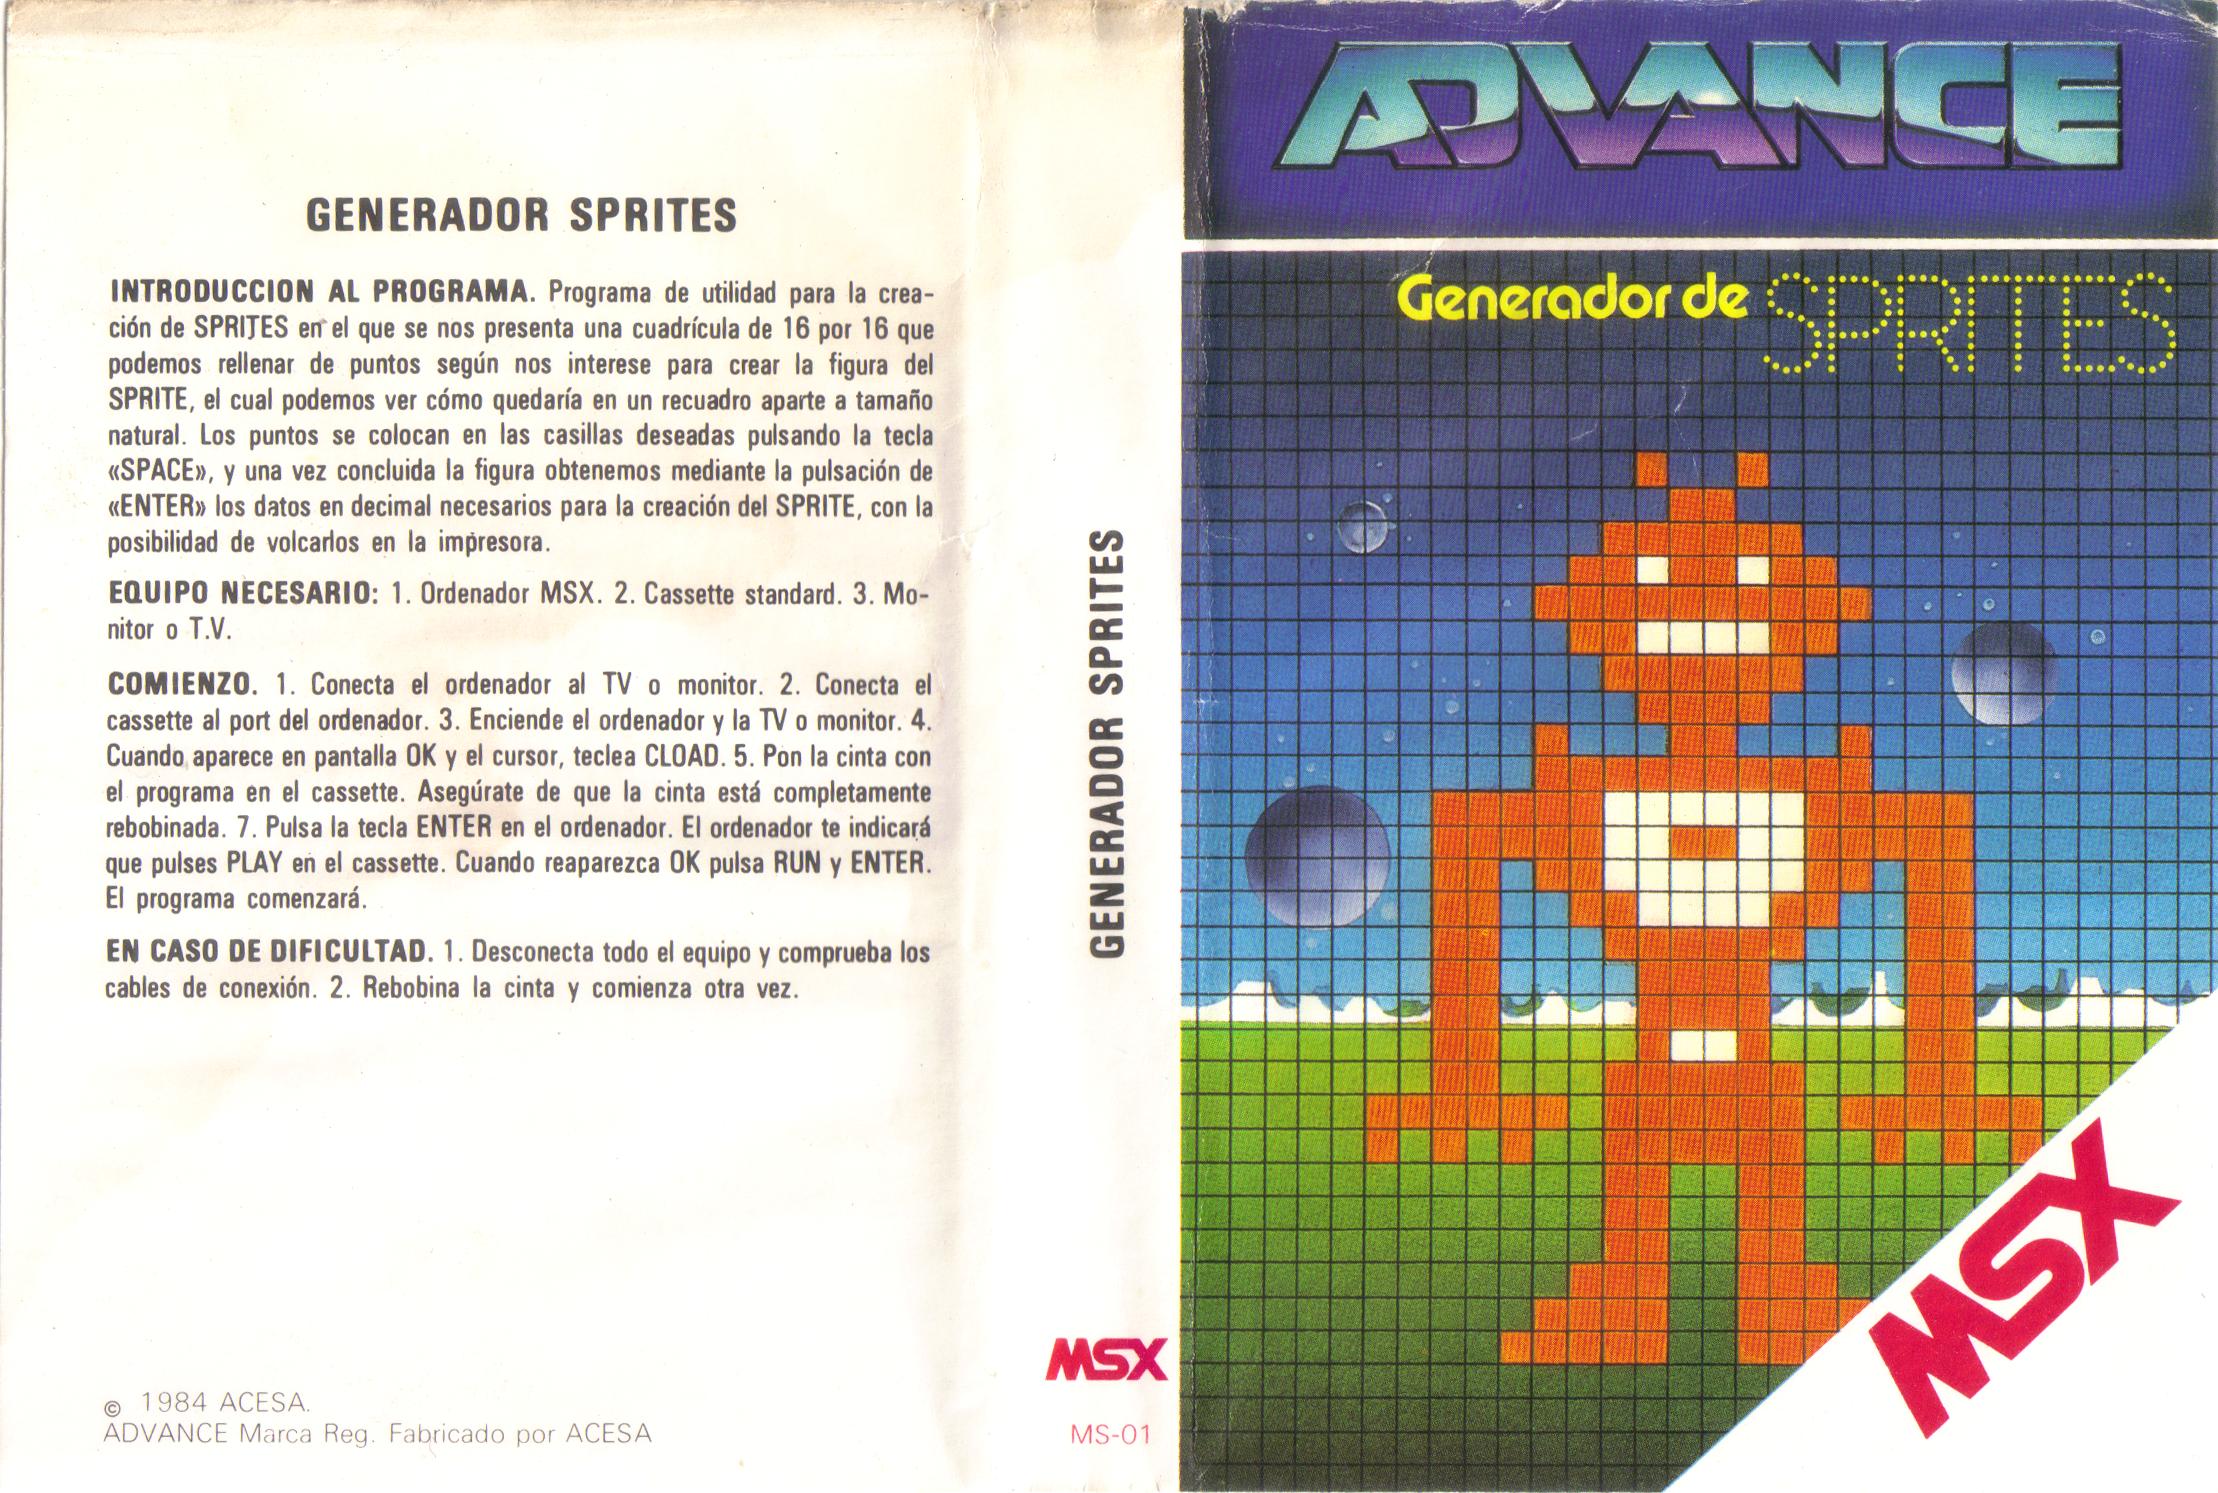 1984 Ensayos Generador De T Tulos Ensayo Todos Los Esseys # Muebles Tiratel